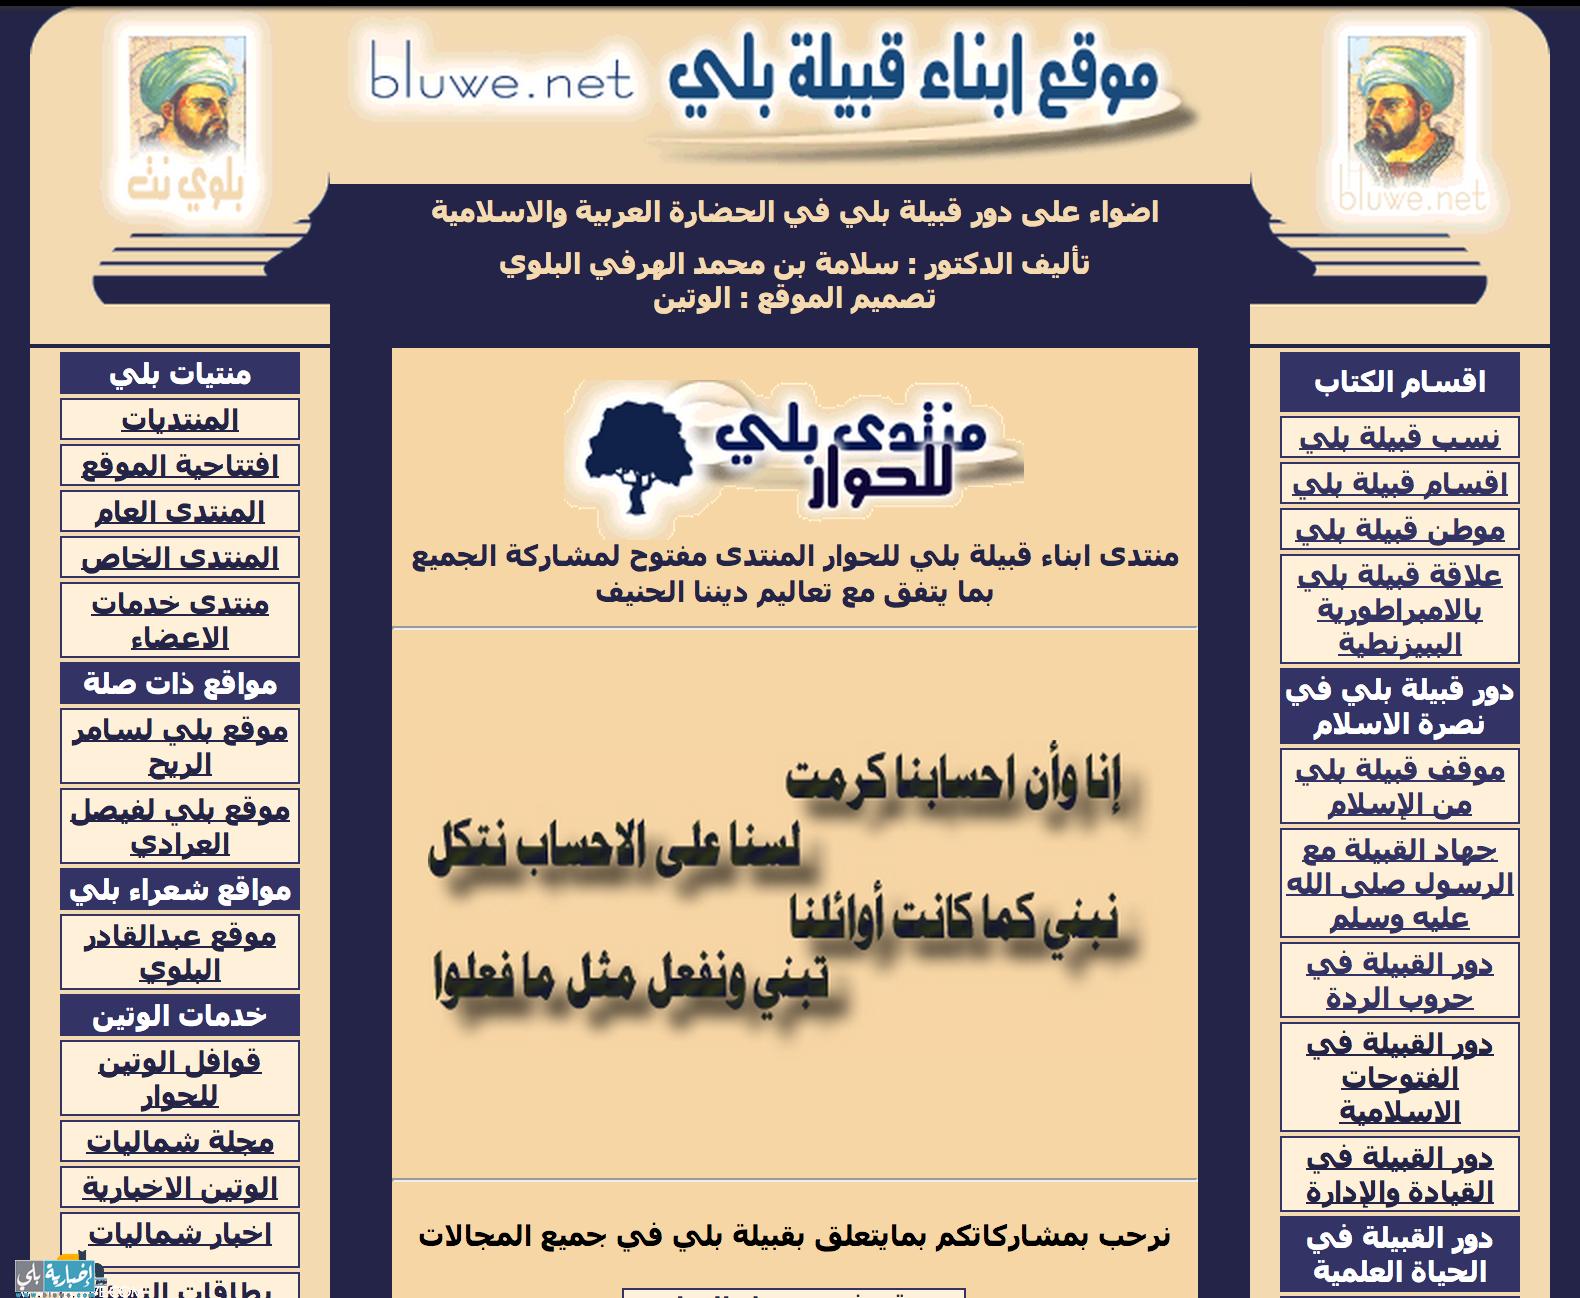 لقطة الشاشة ٢٠١٤-٠٨-٠٩ في ١٢.٢٥.٣٠ م تاريخ موقع بلي الرسمي تاريخ موقع بلي الرسمي